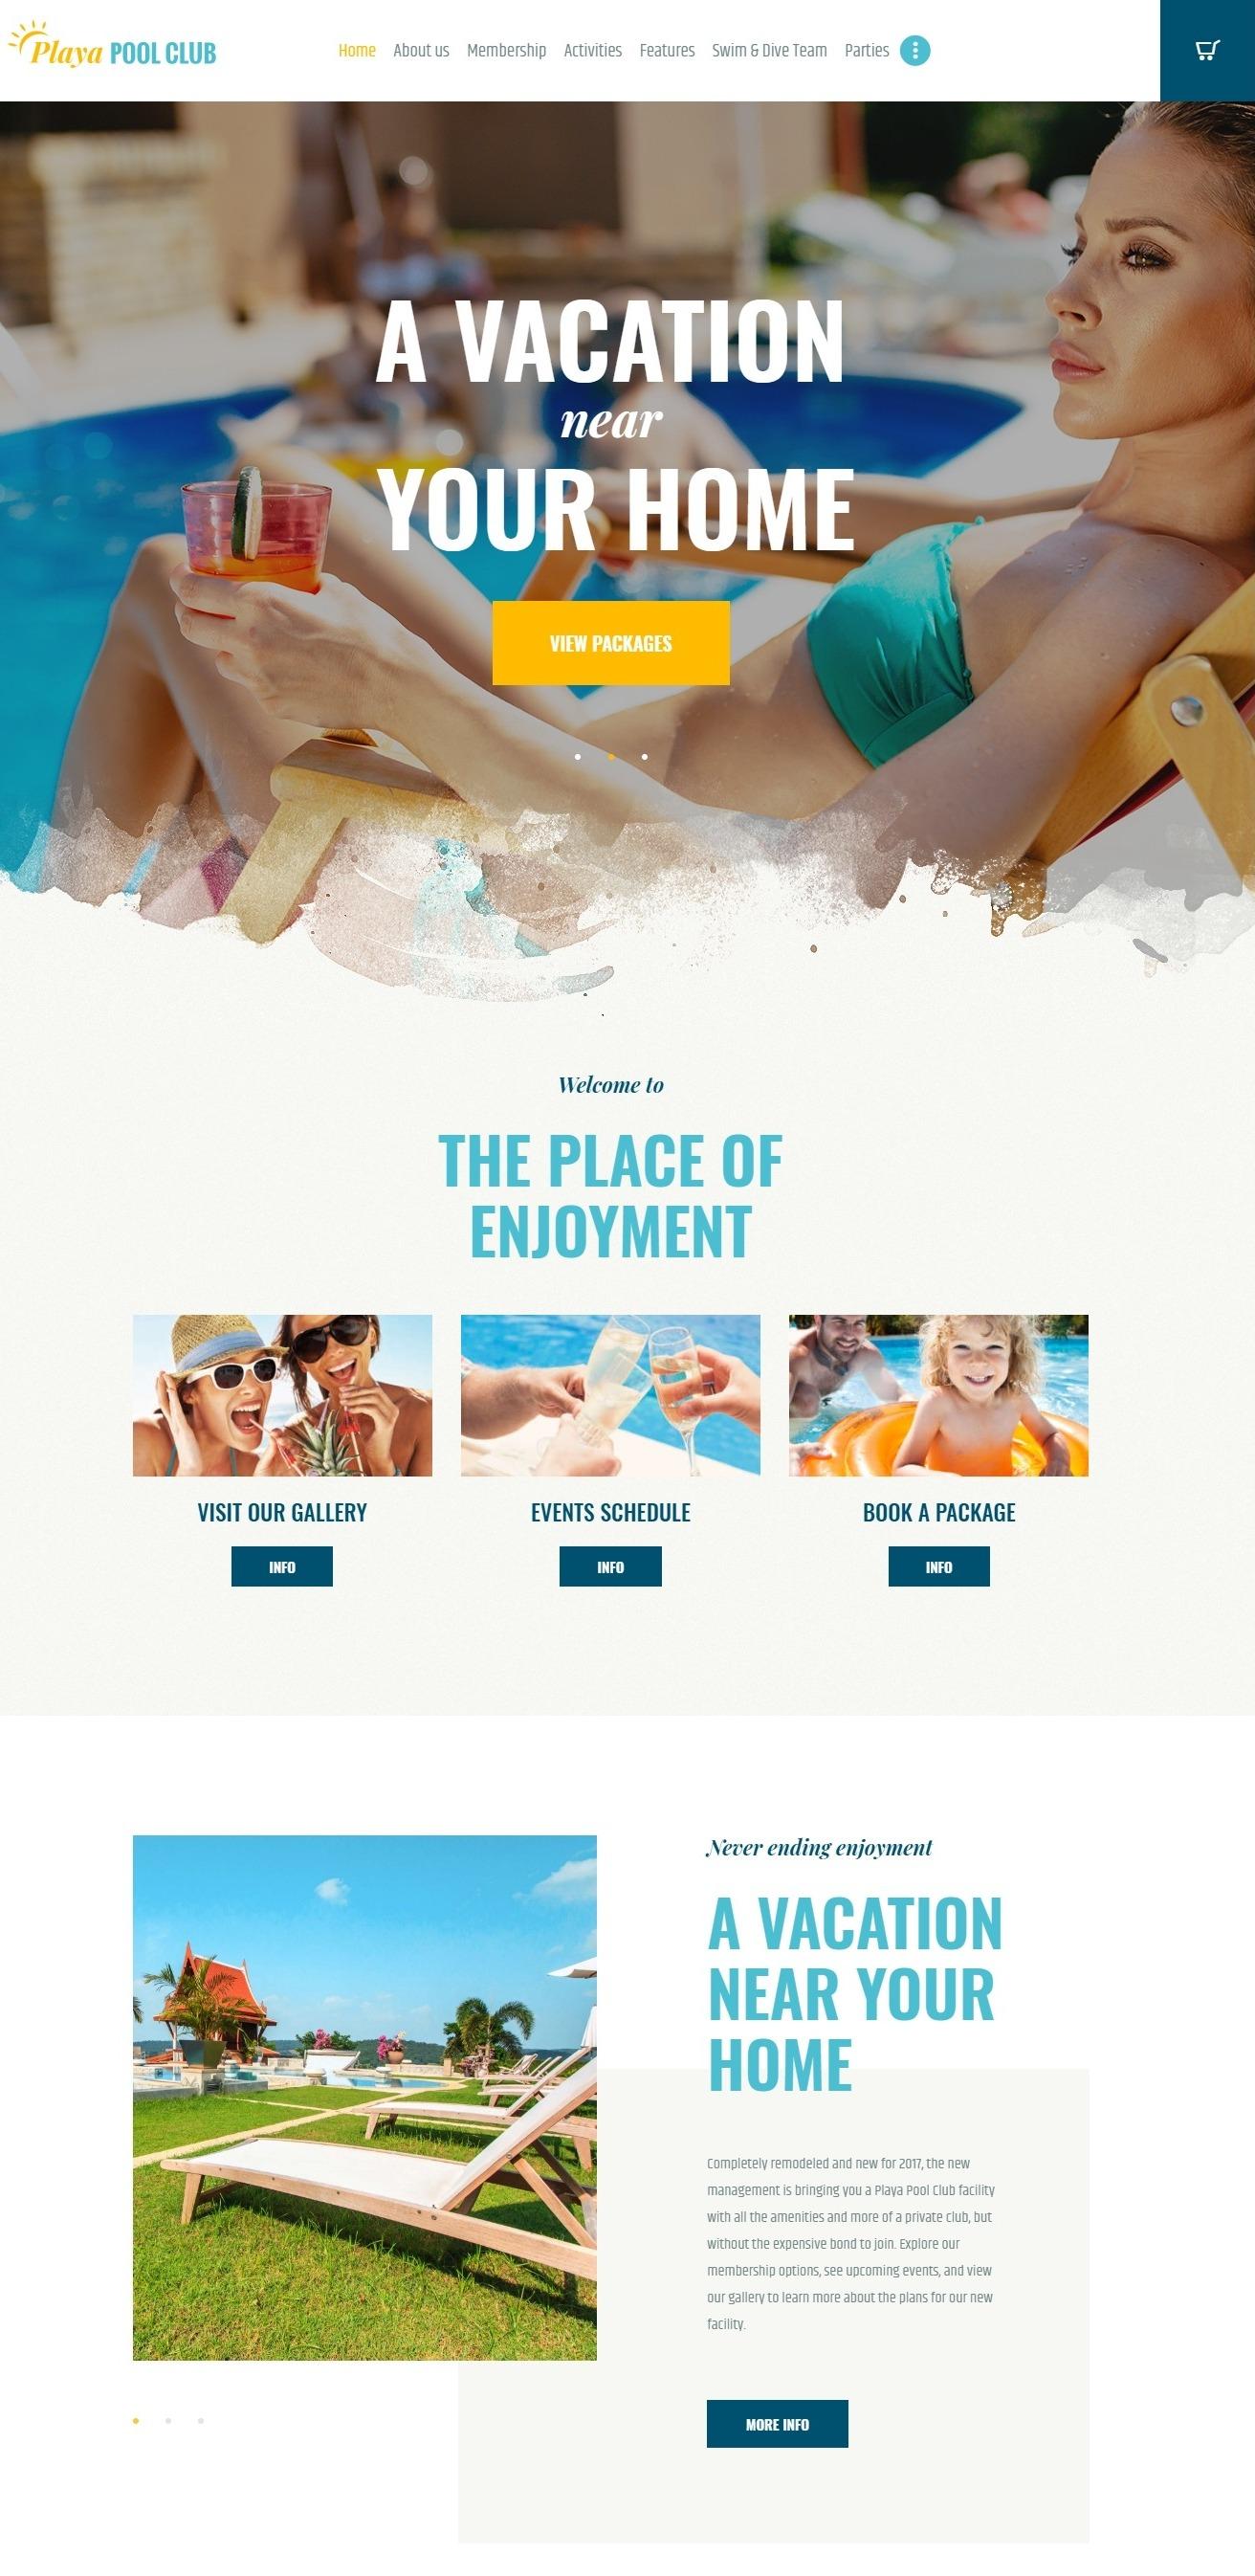 Mẫu giao diện website doanh nghiệp - giải trí